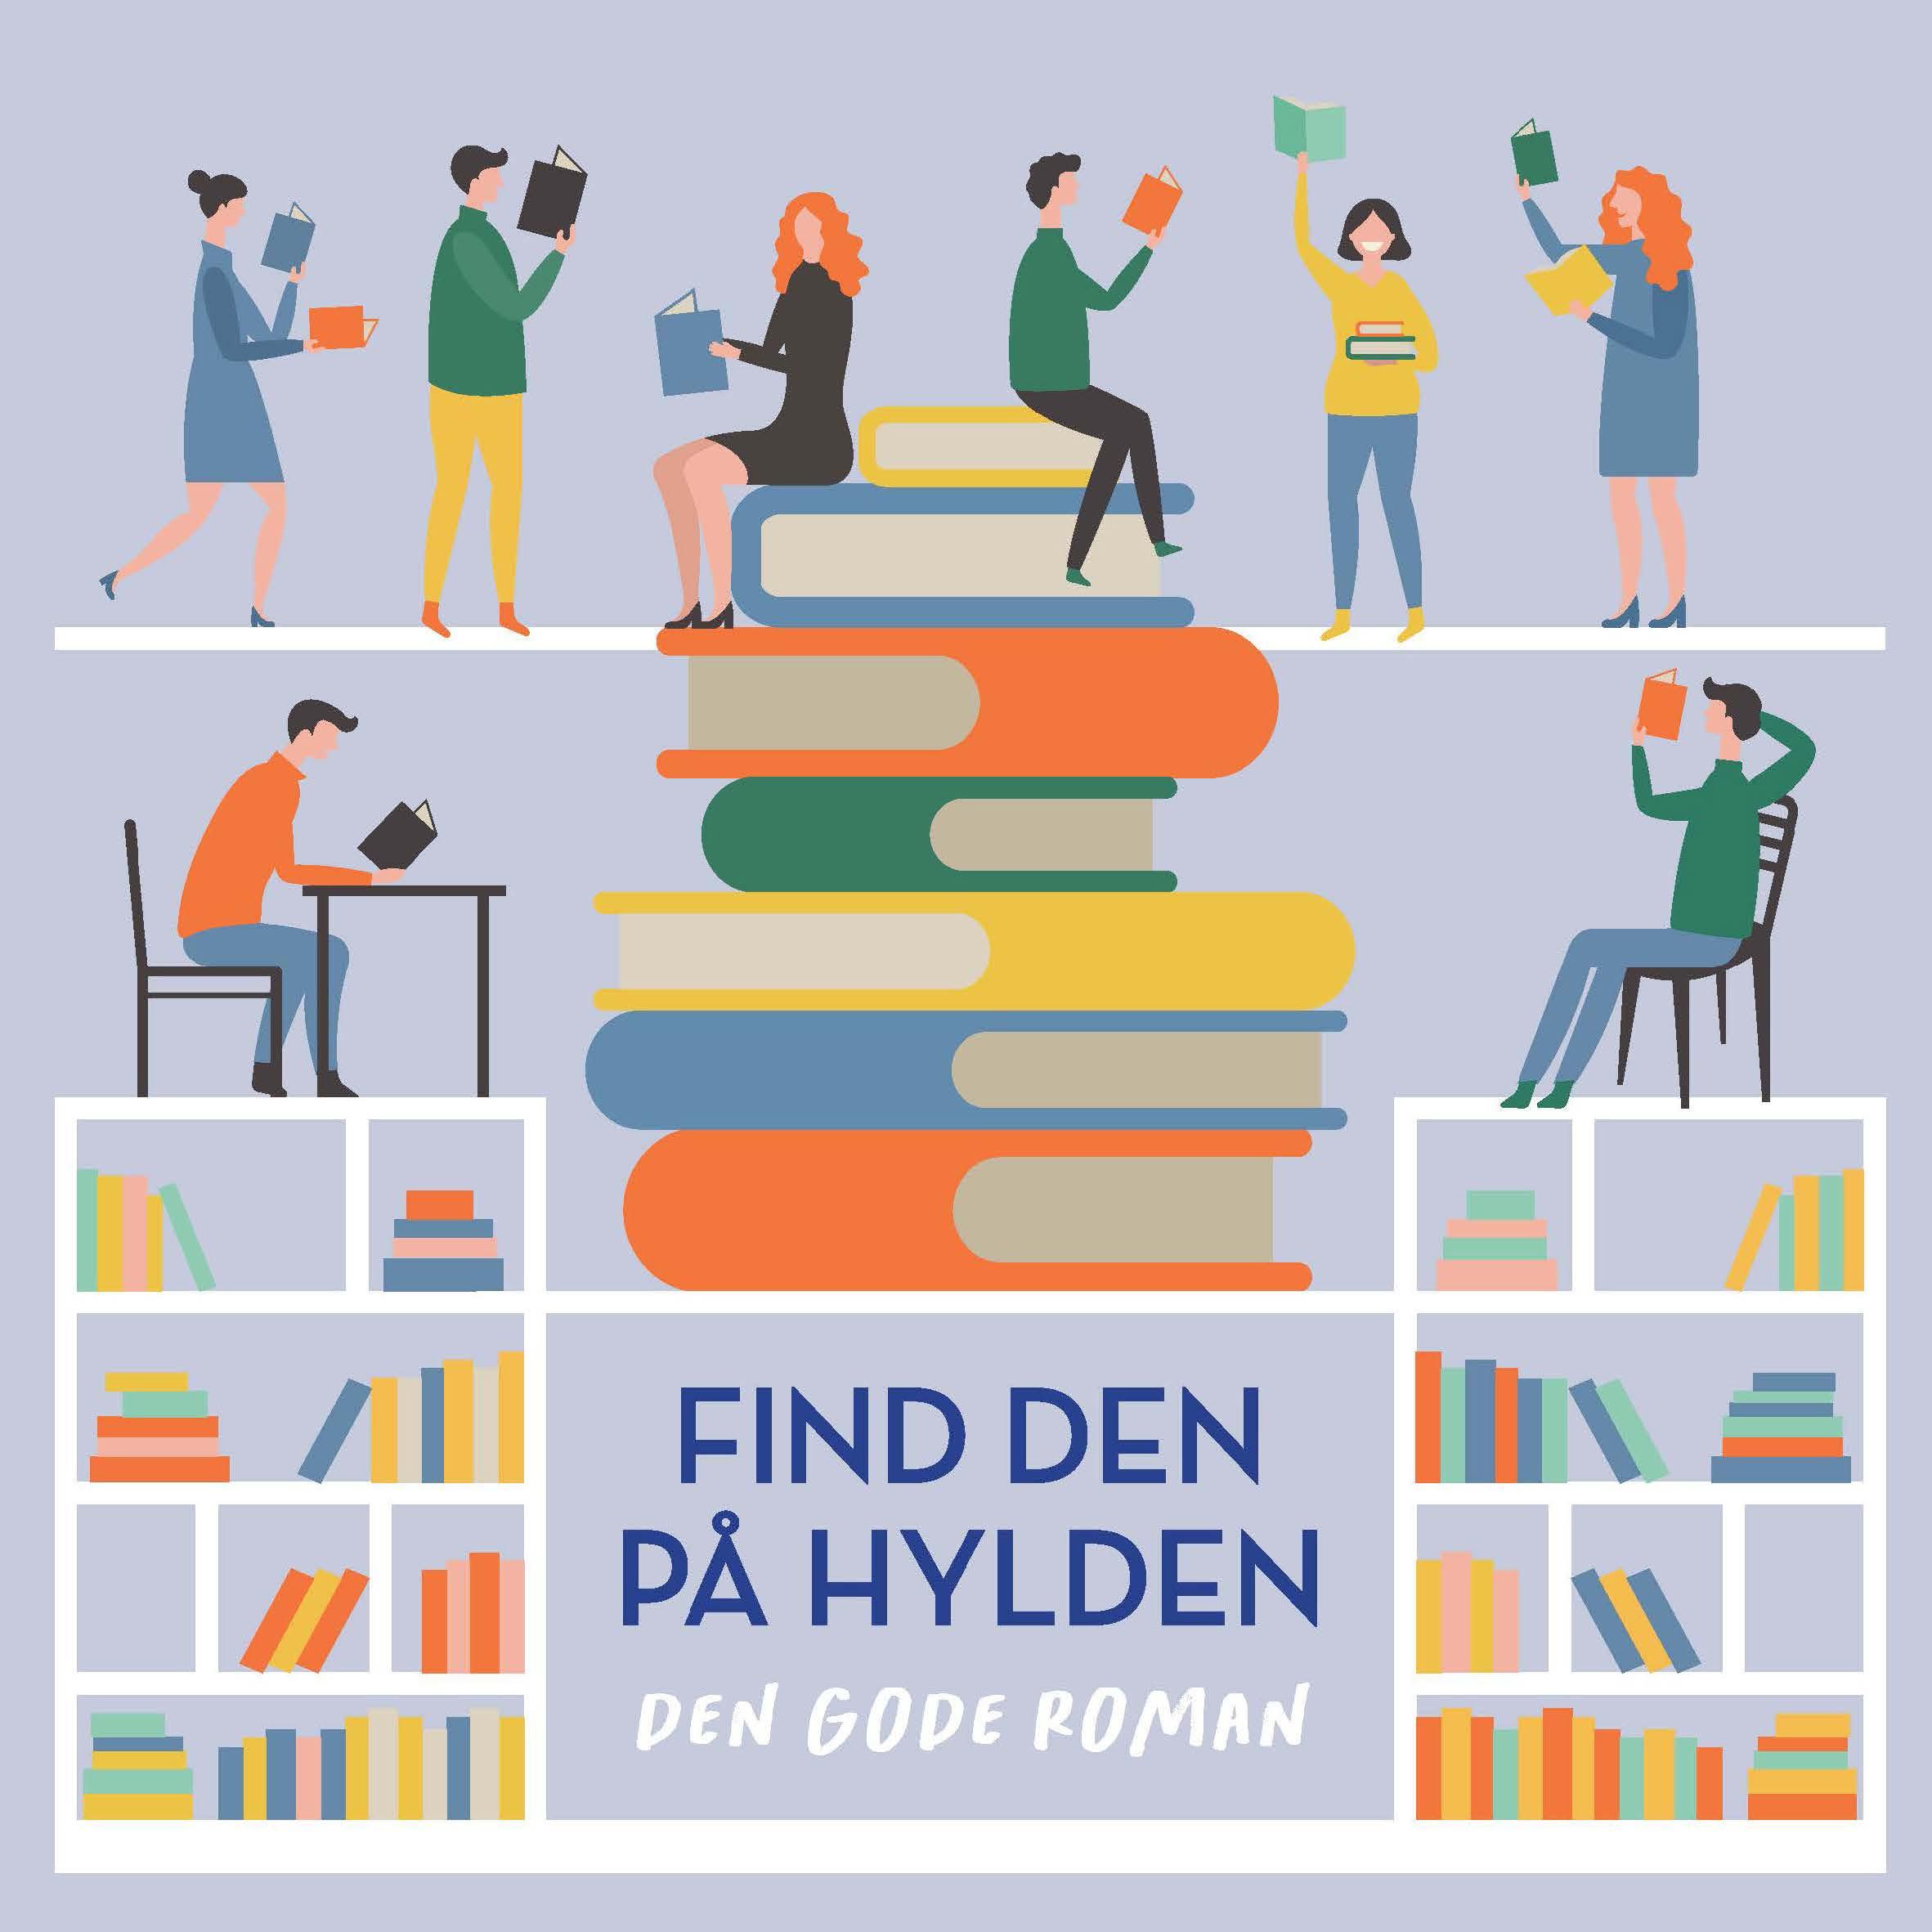 Link til folderen 'Find den på hylden - den gode roman'